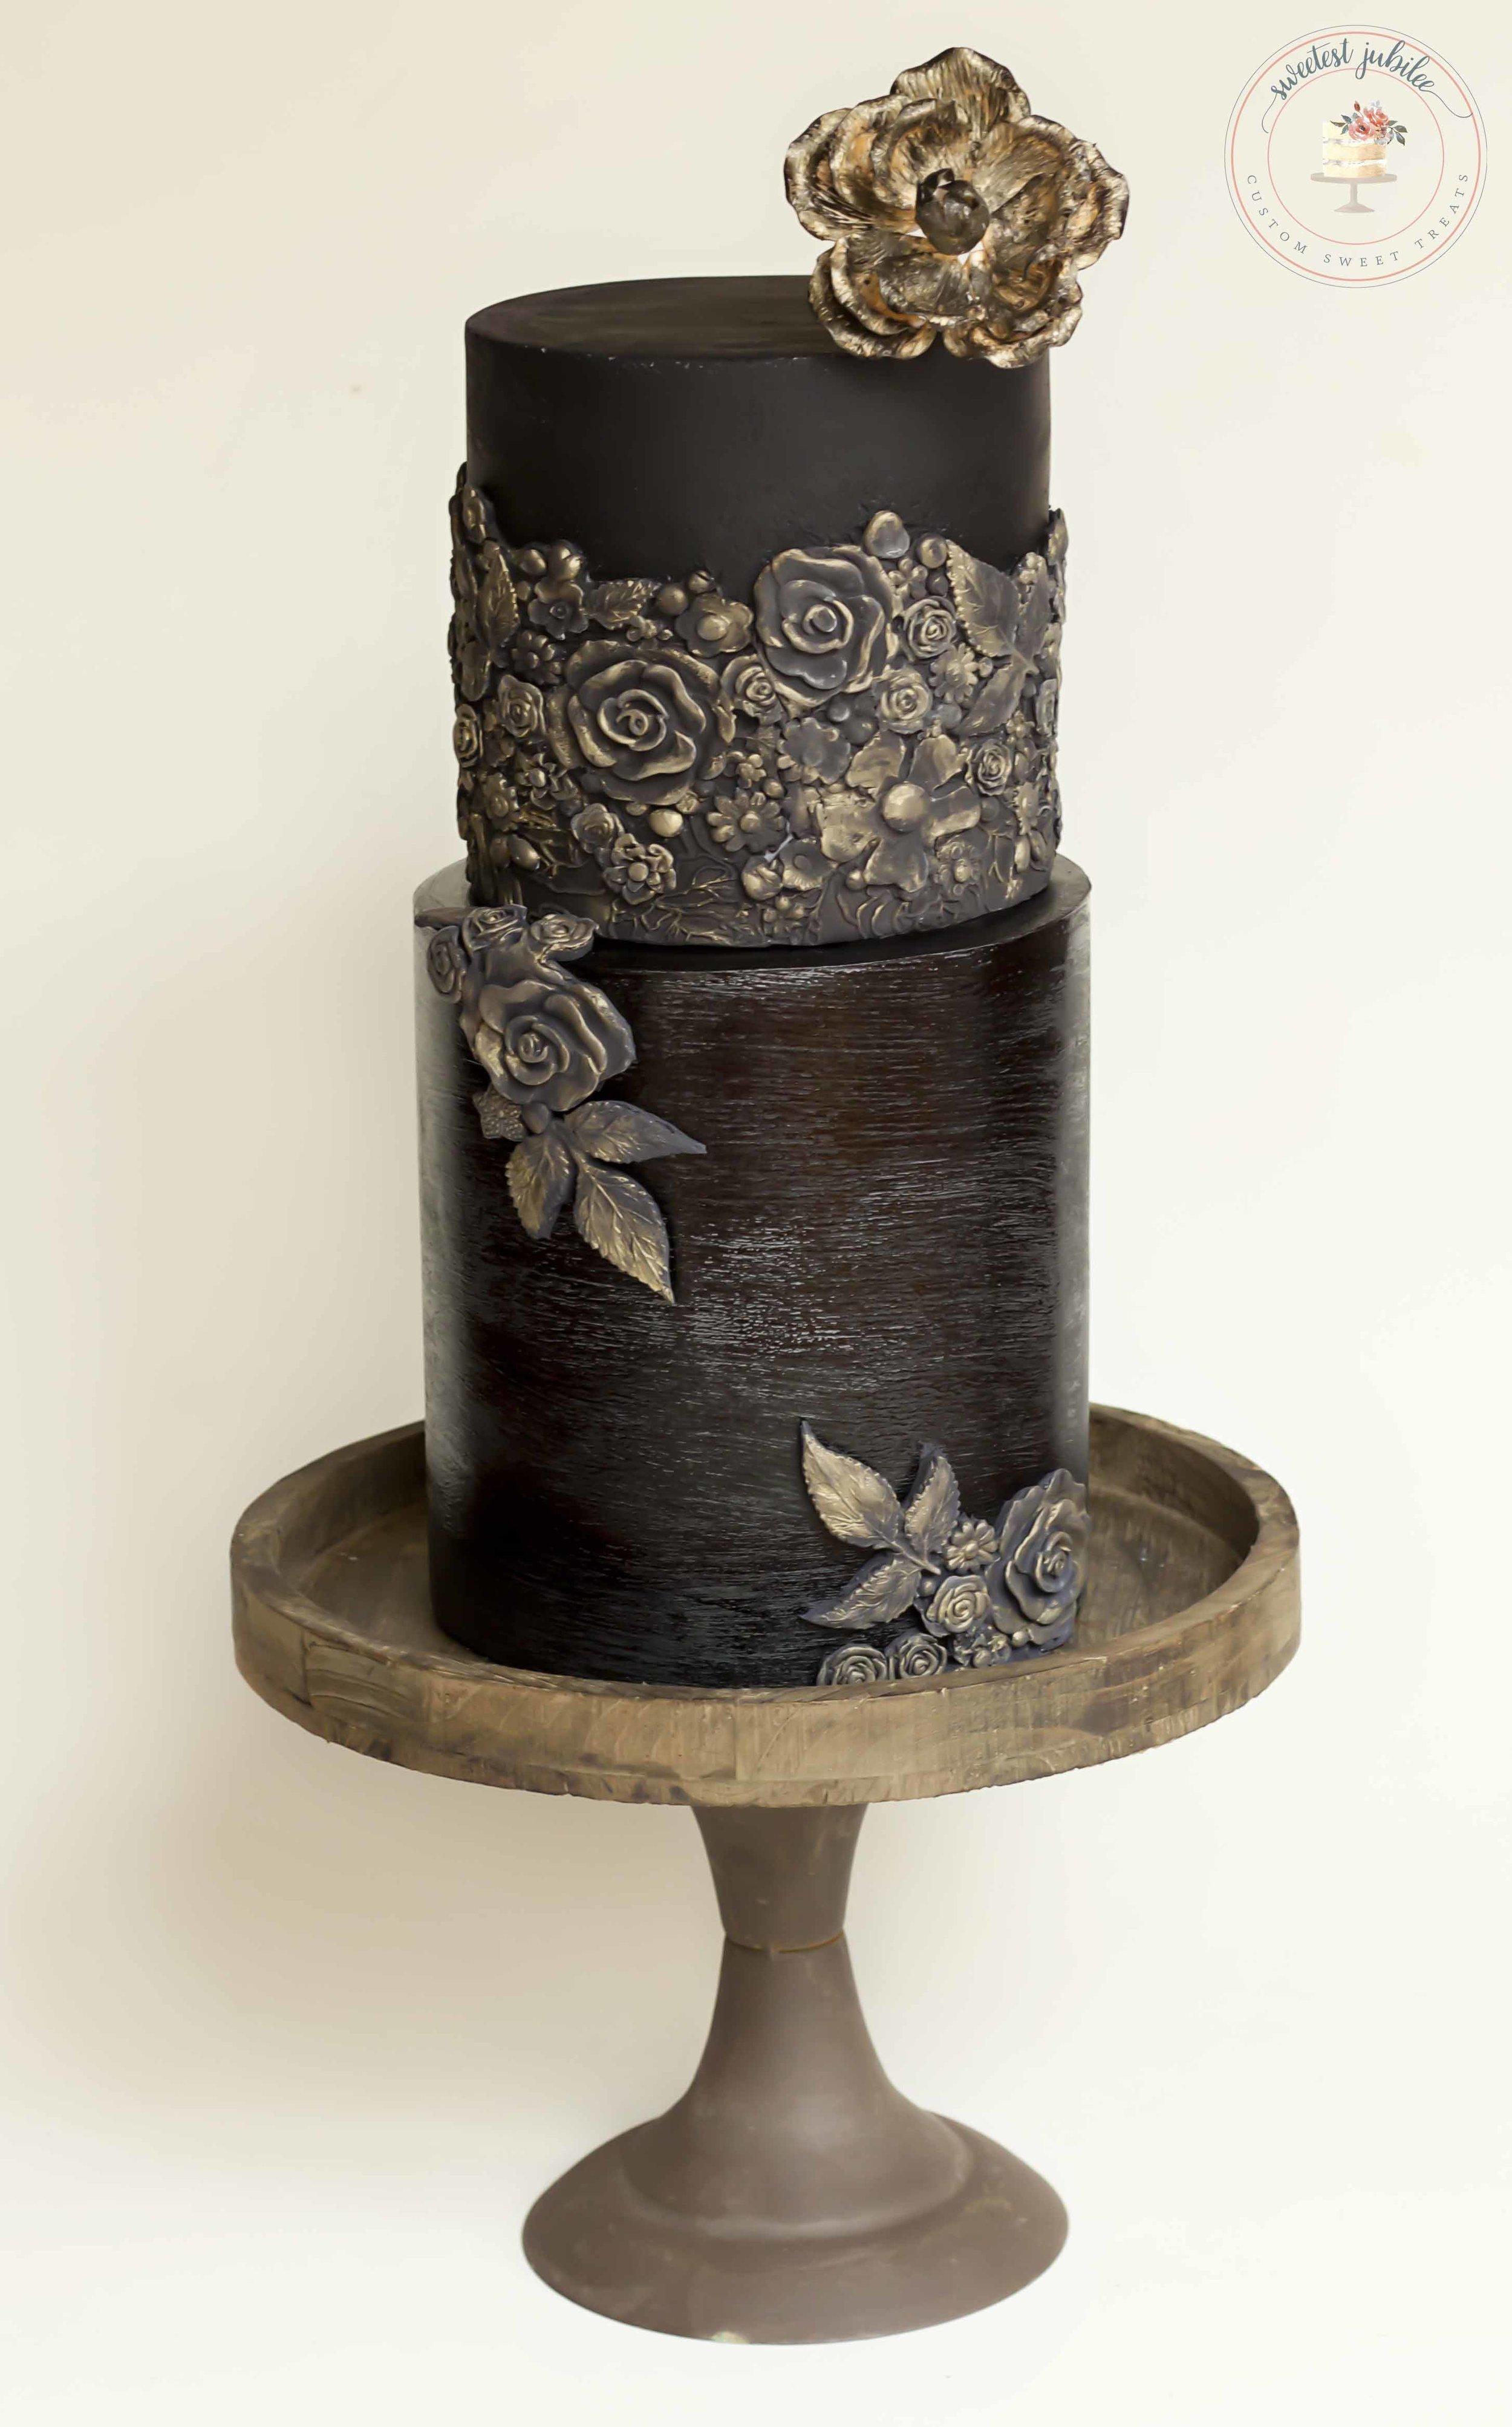 Bas relief cake.jpg